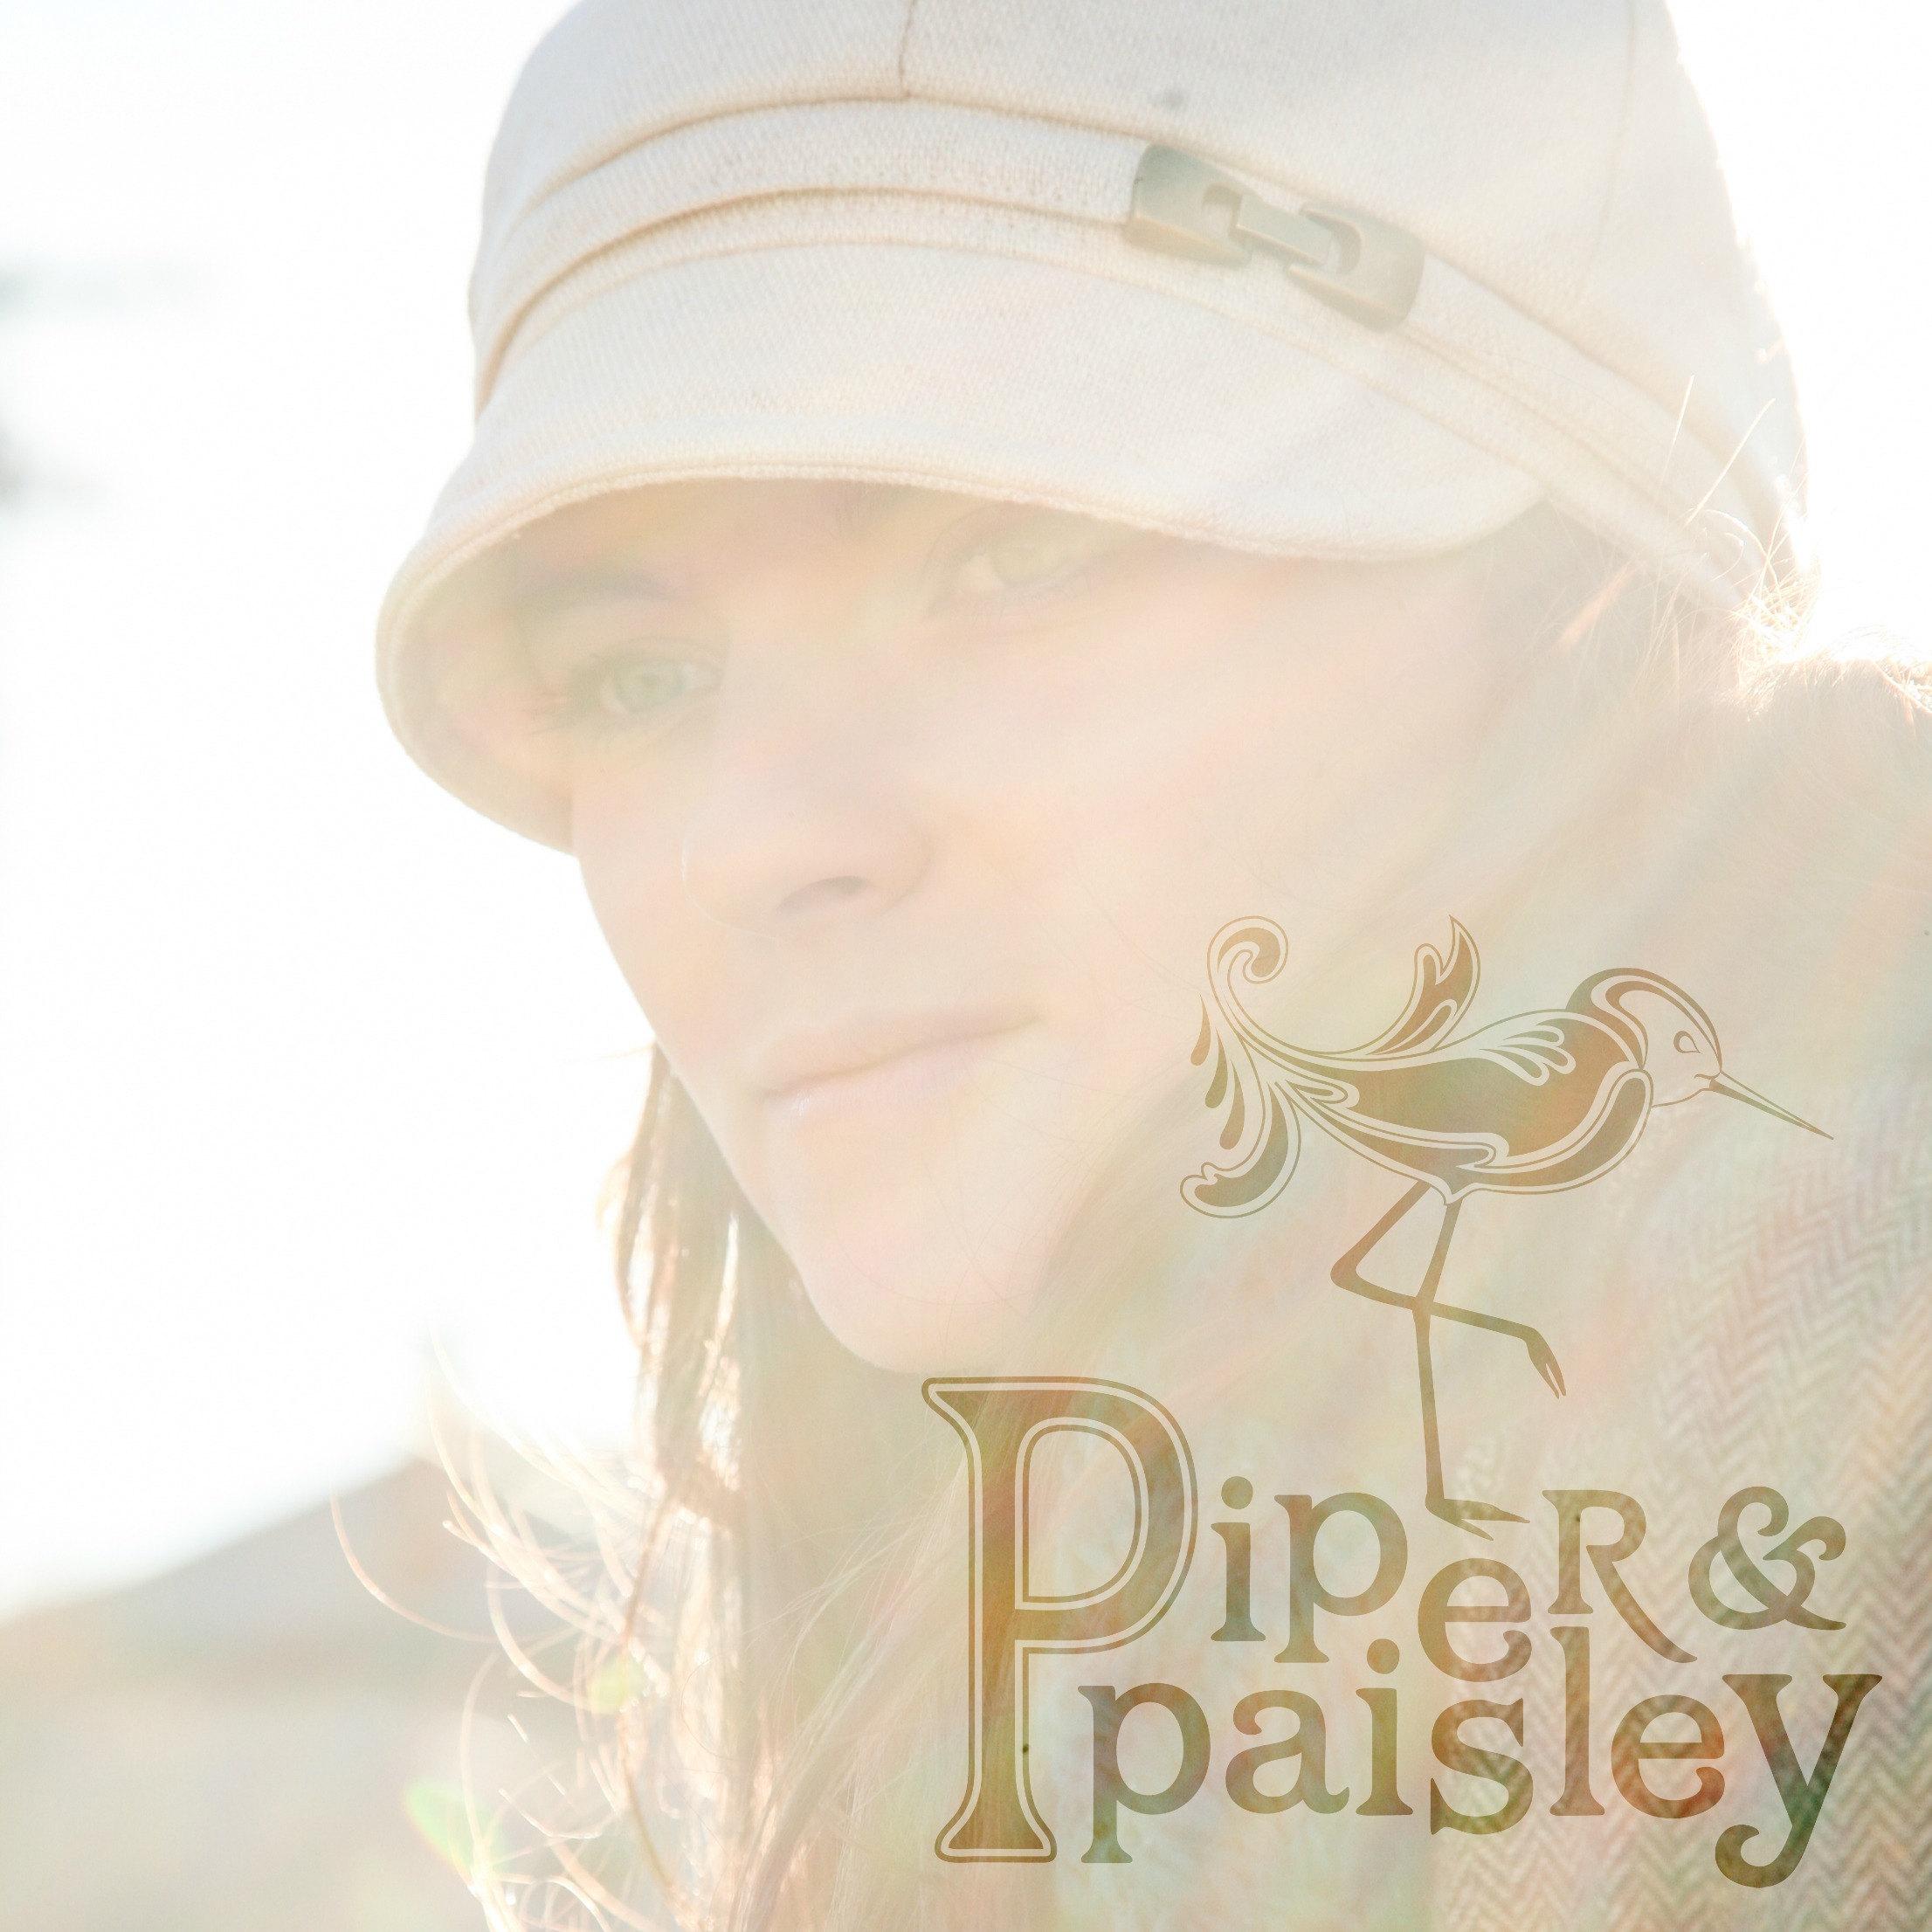 PiperAndPaisley